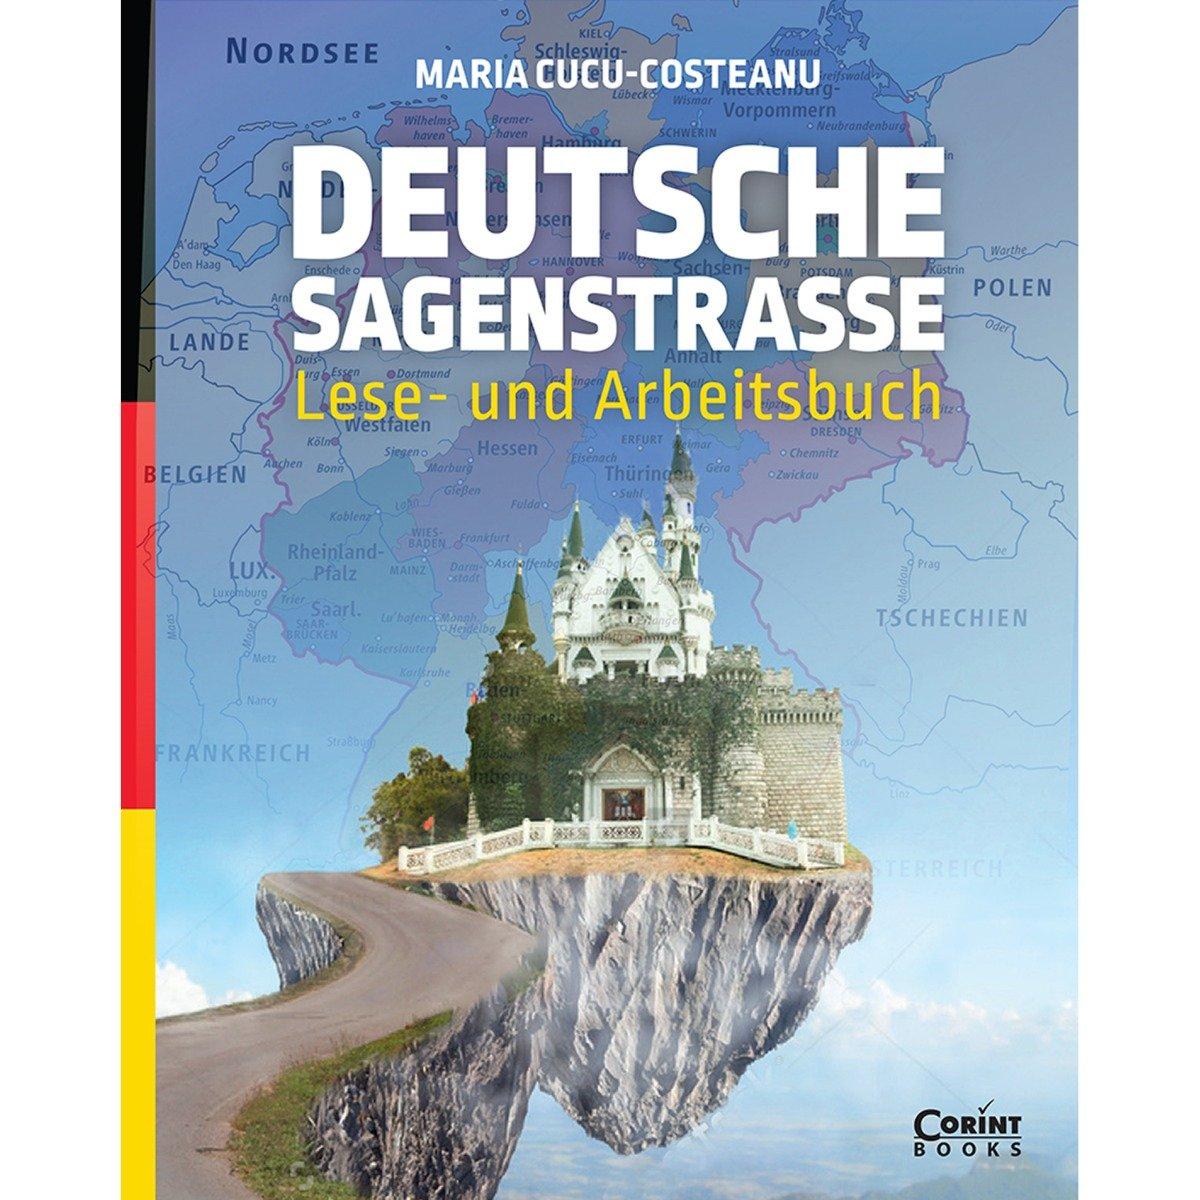 Carte Editura Corint, Deutsche sagenstrasse lese - und arbeitsbuch, Maria Cucu-Costeanu